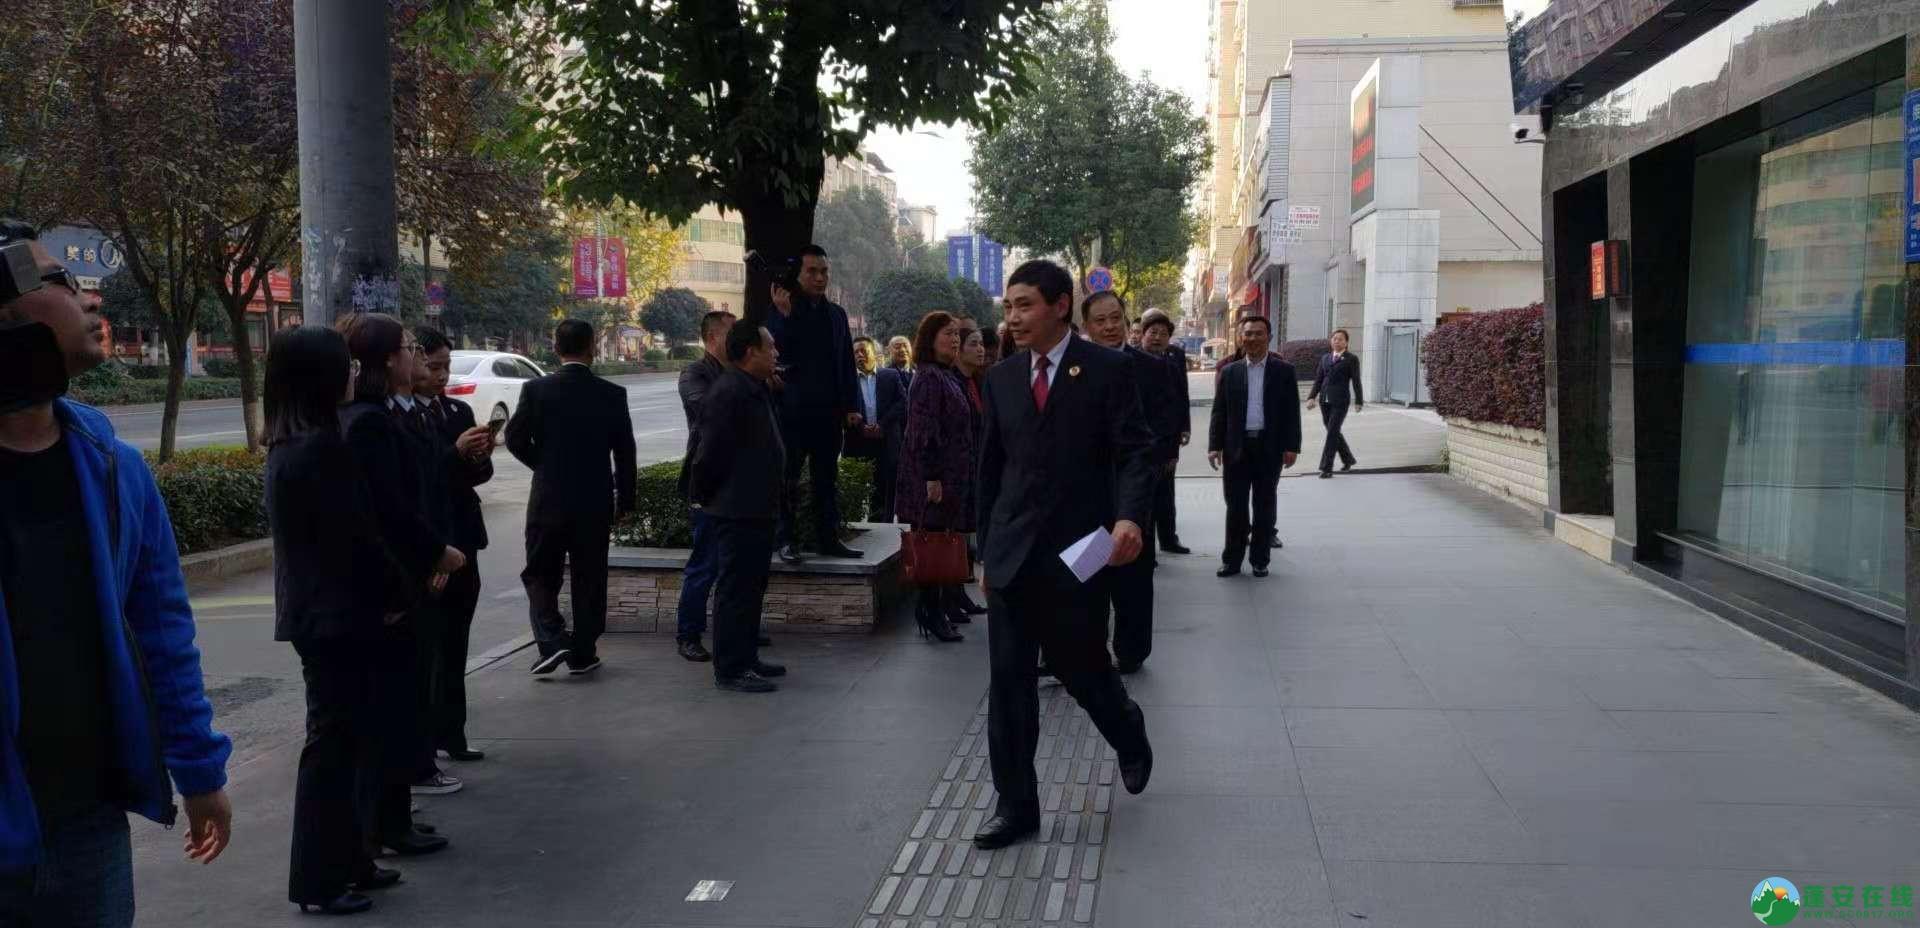 蓬安县人民检察院12309检察服务中心正式宣告挂牌成立 - 第7张  | 蓬安在线